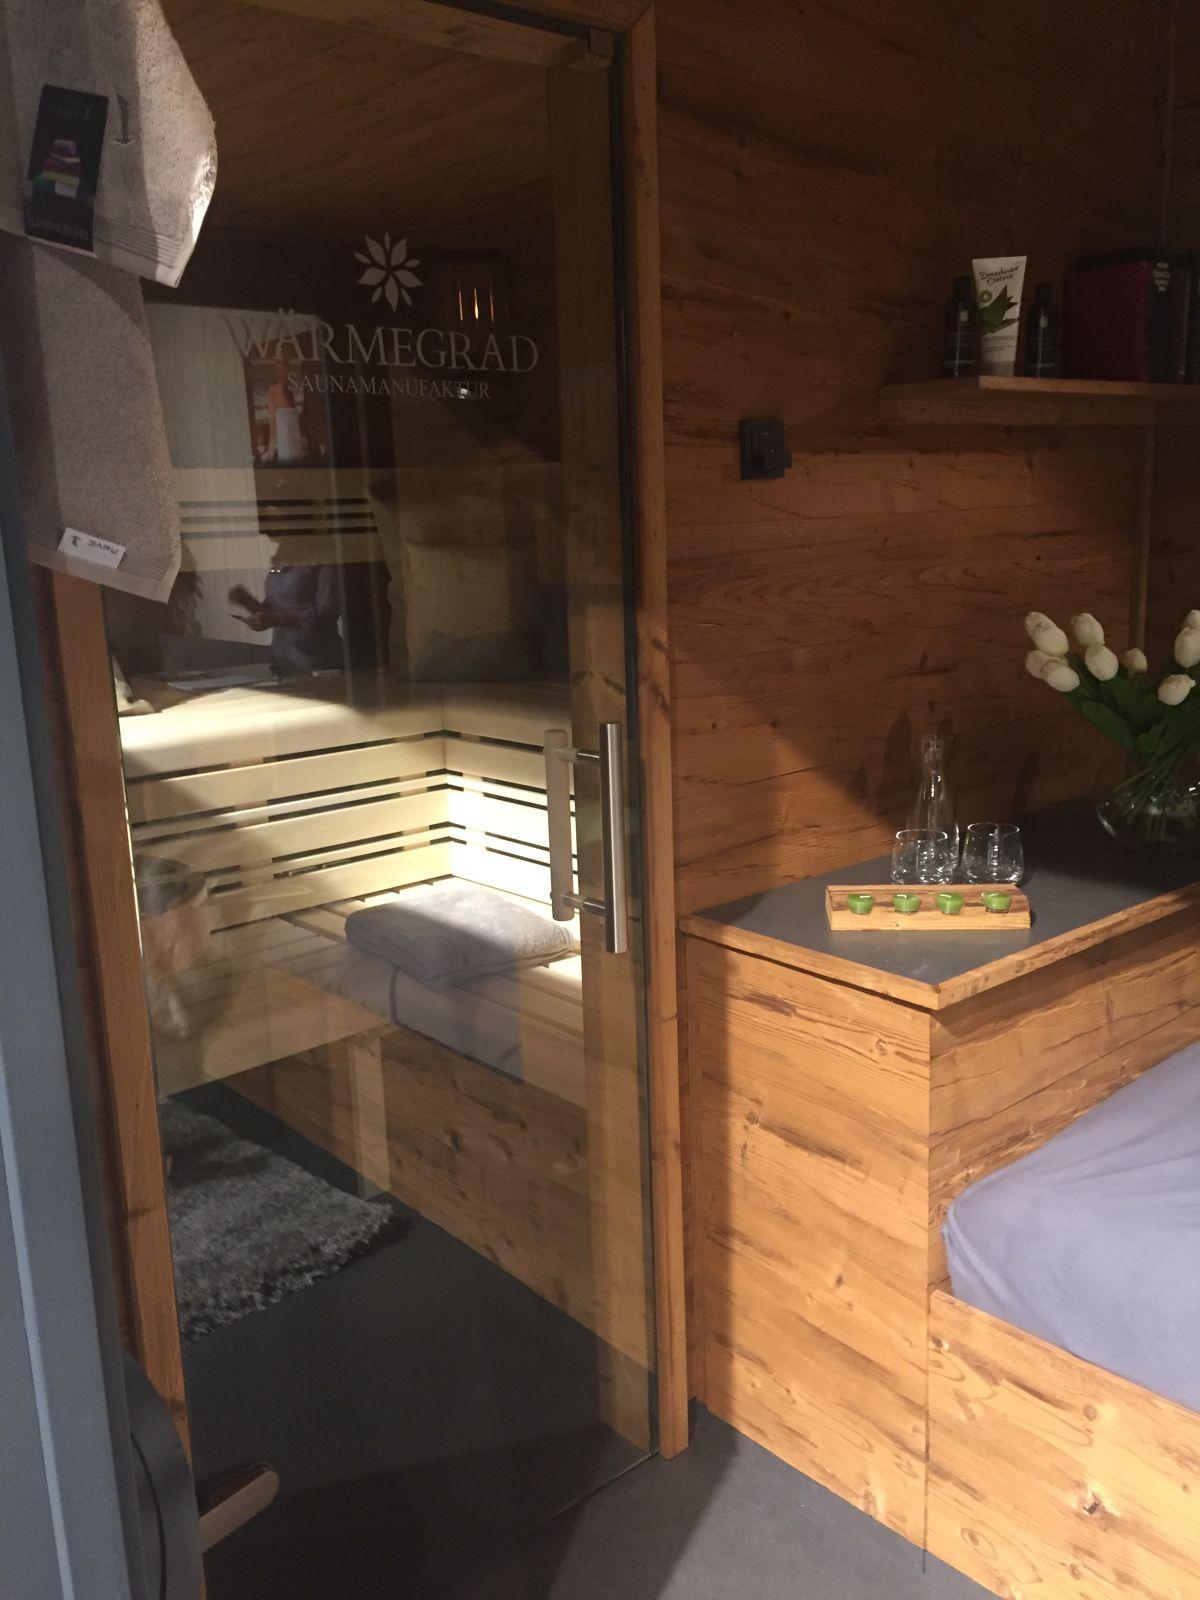 Wärmegrad sauna interior